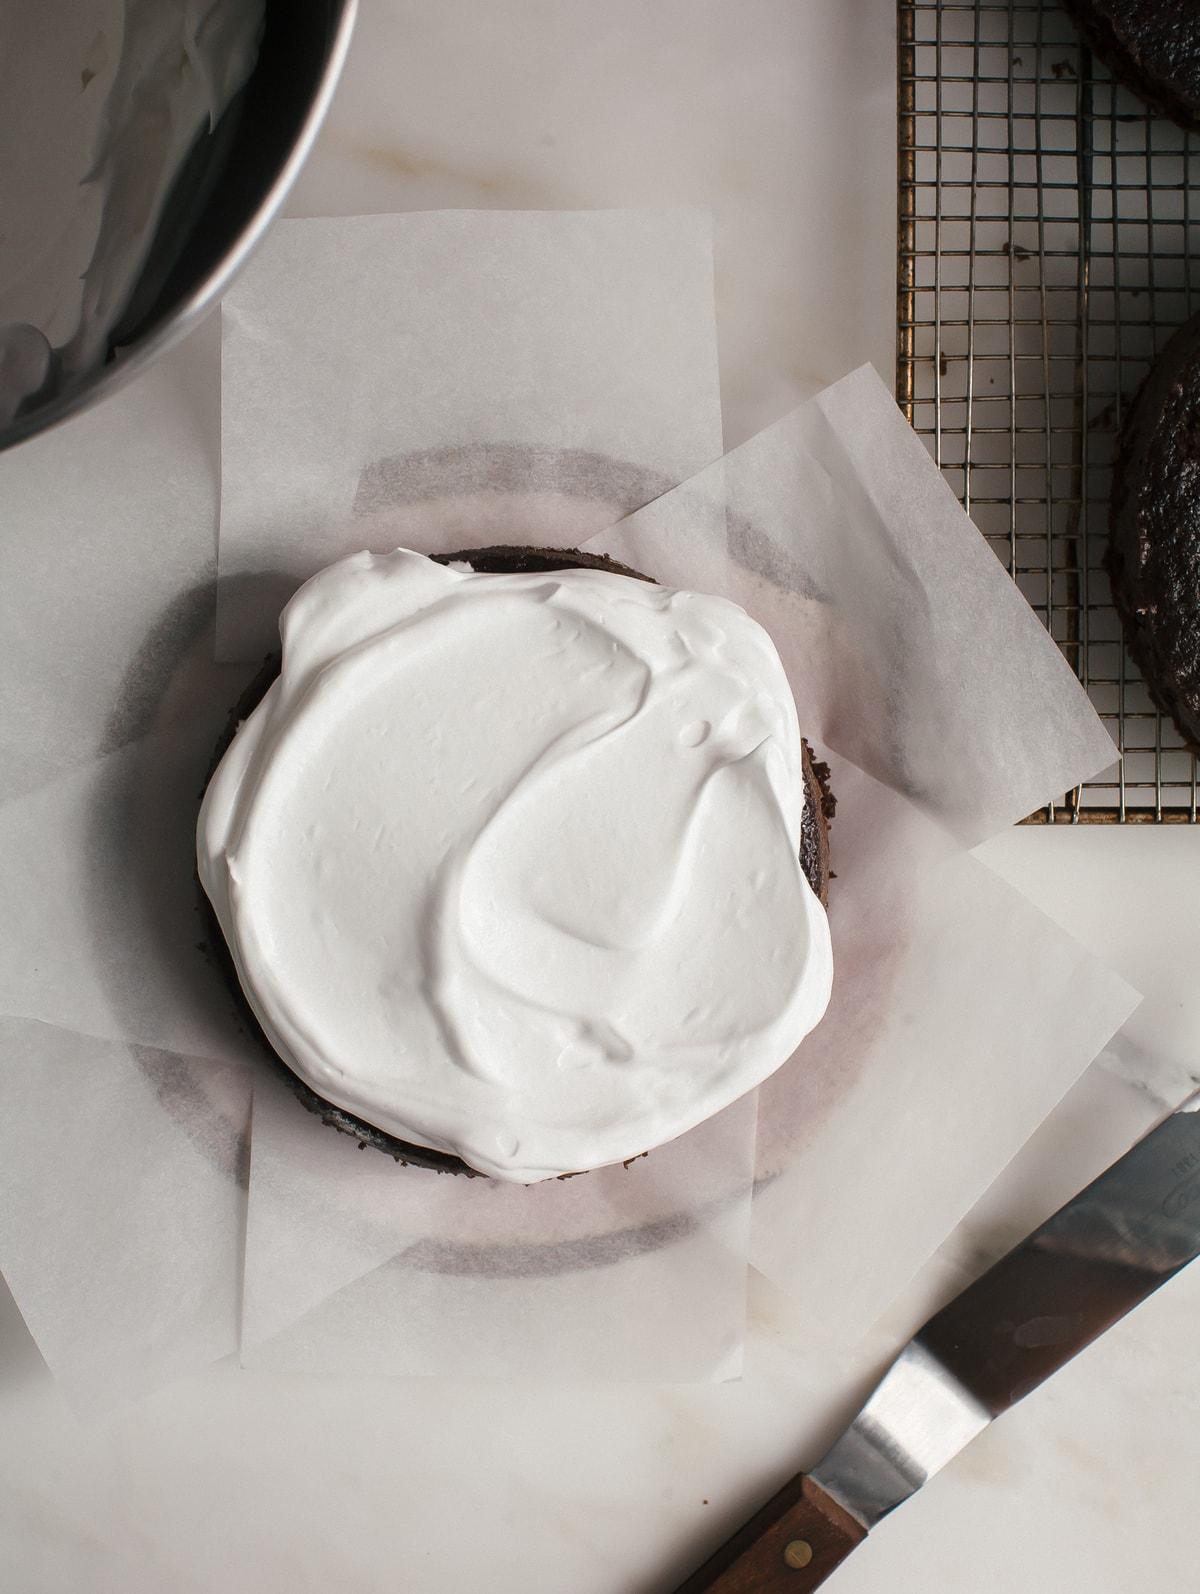 Sno Ball Cake